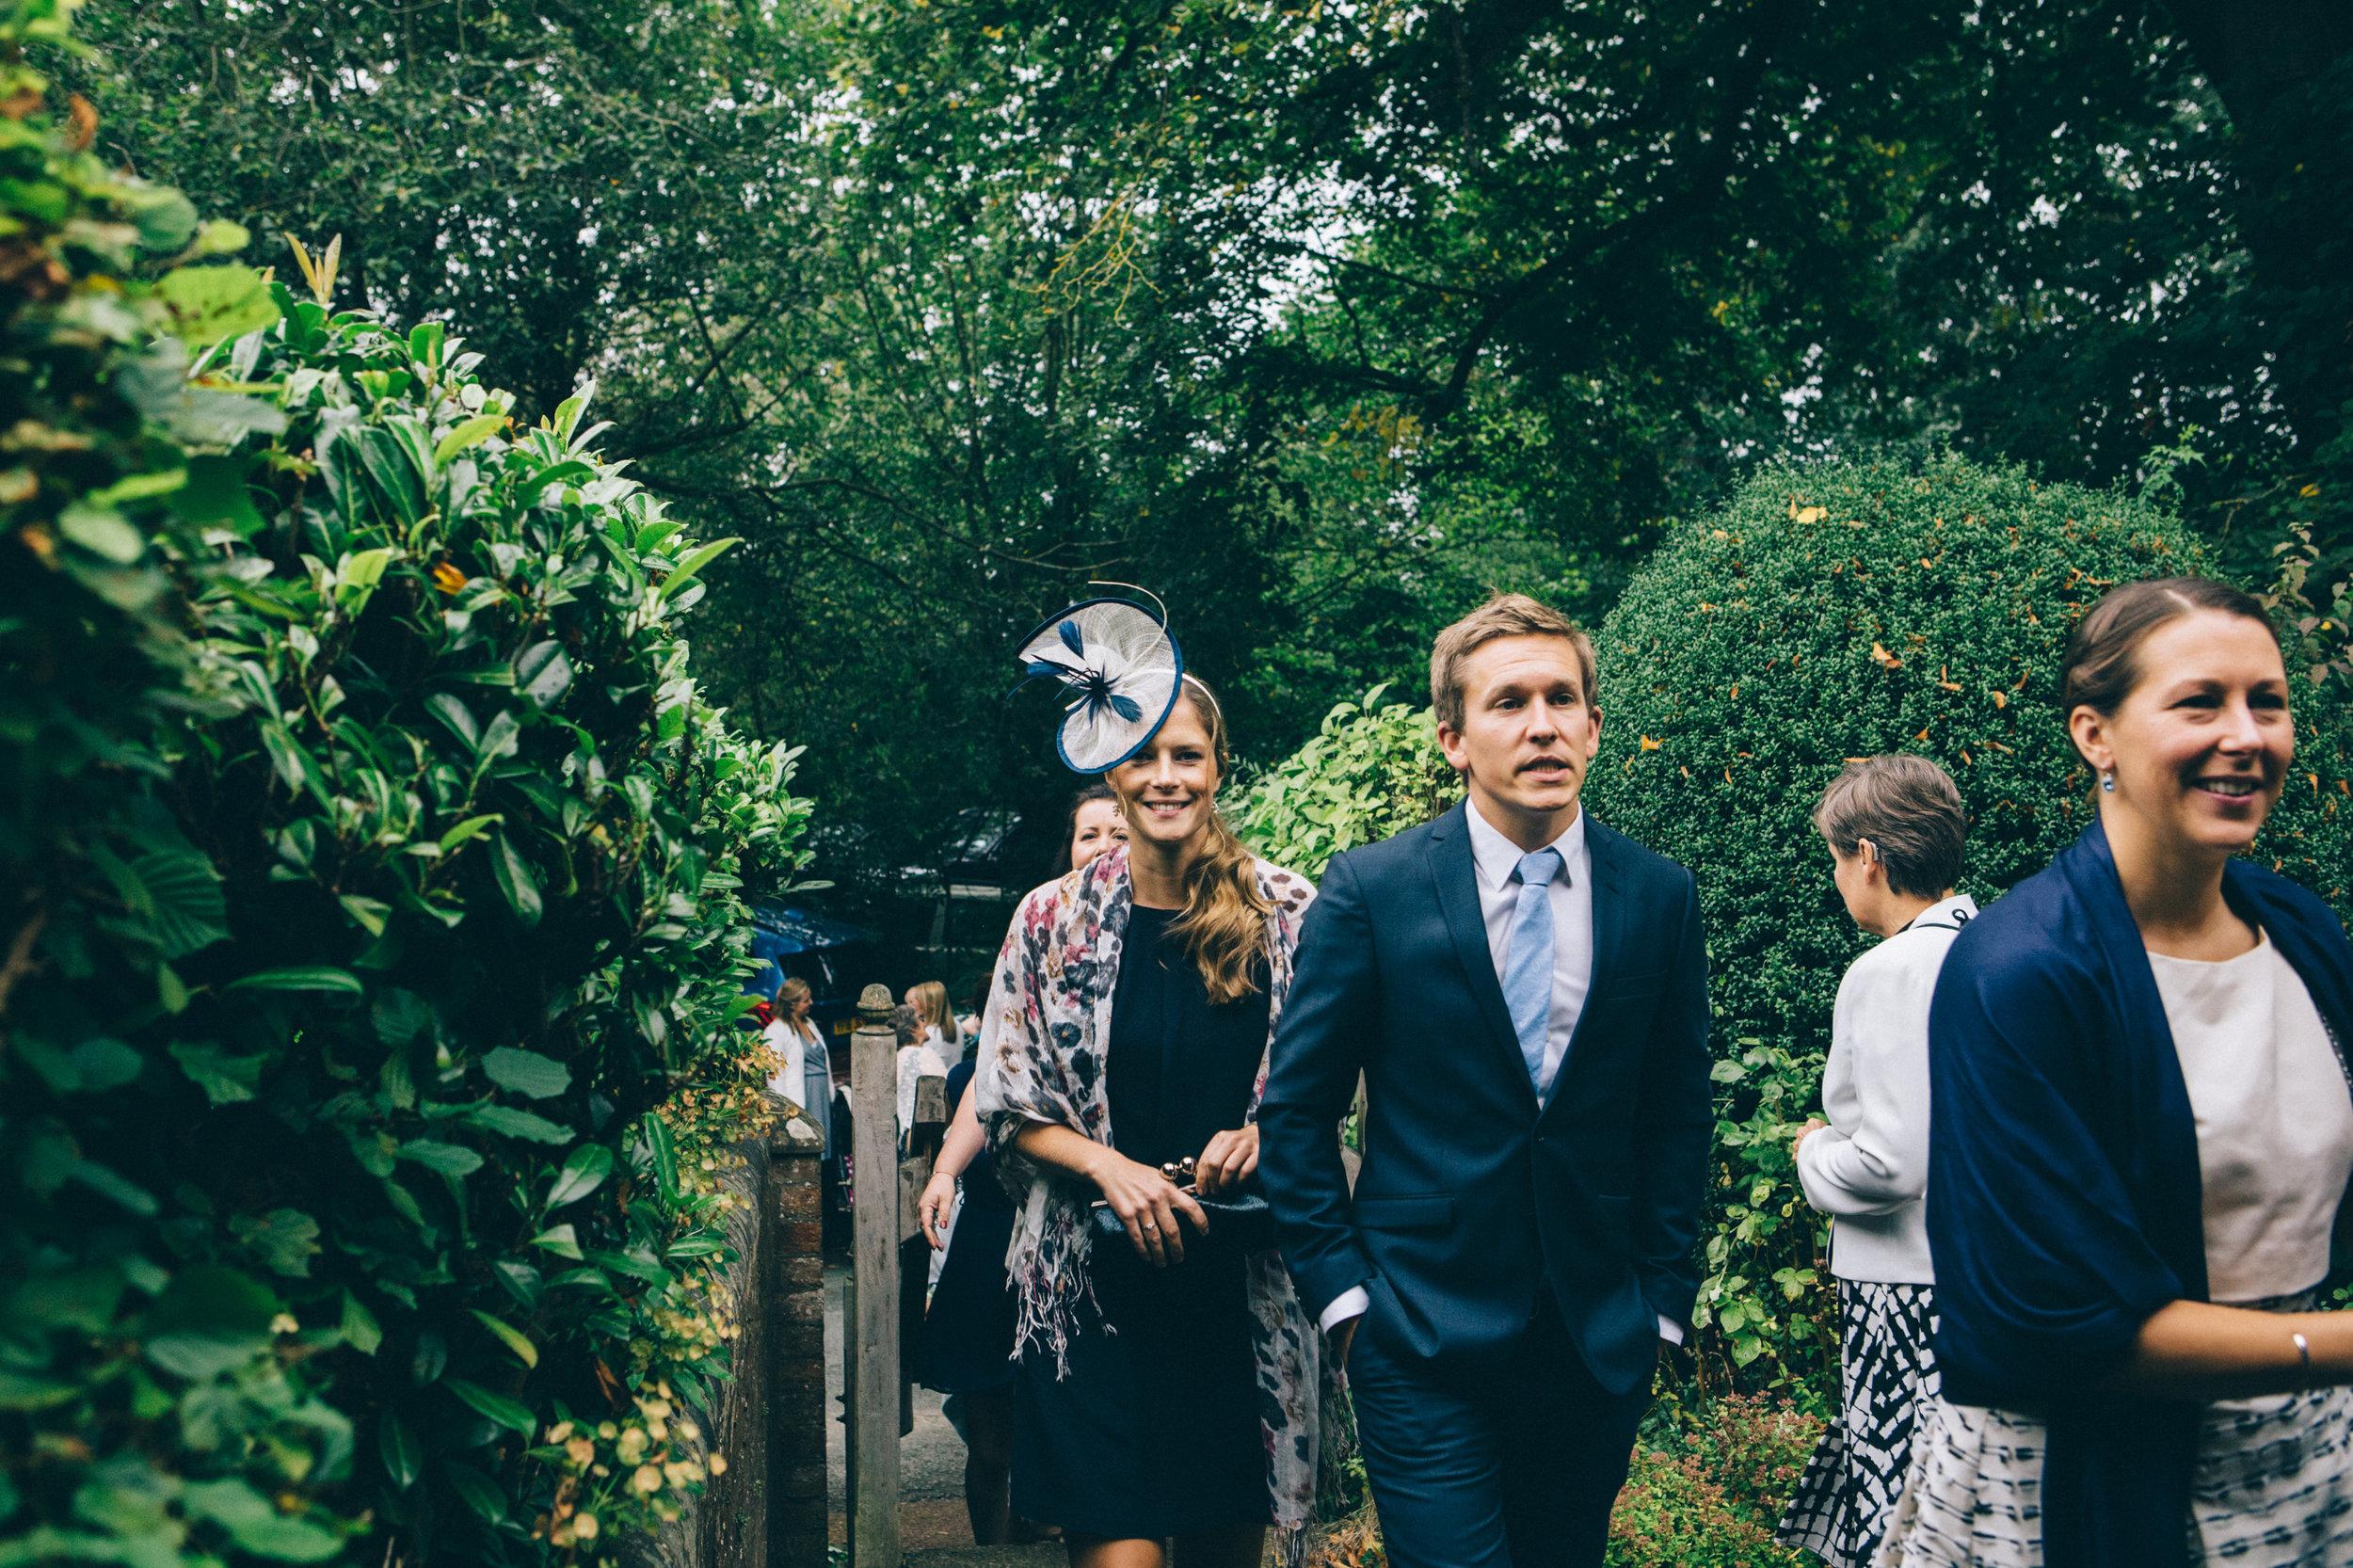 uk wedding photographer artistic wedding photography-40.jpg